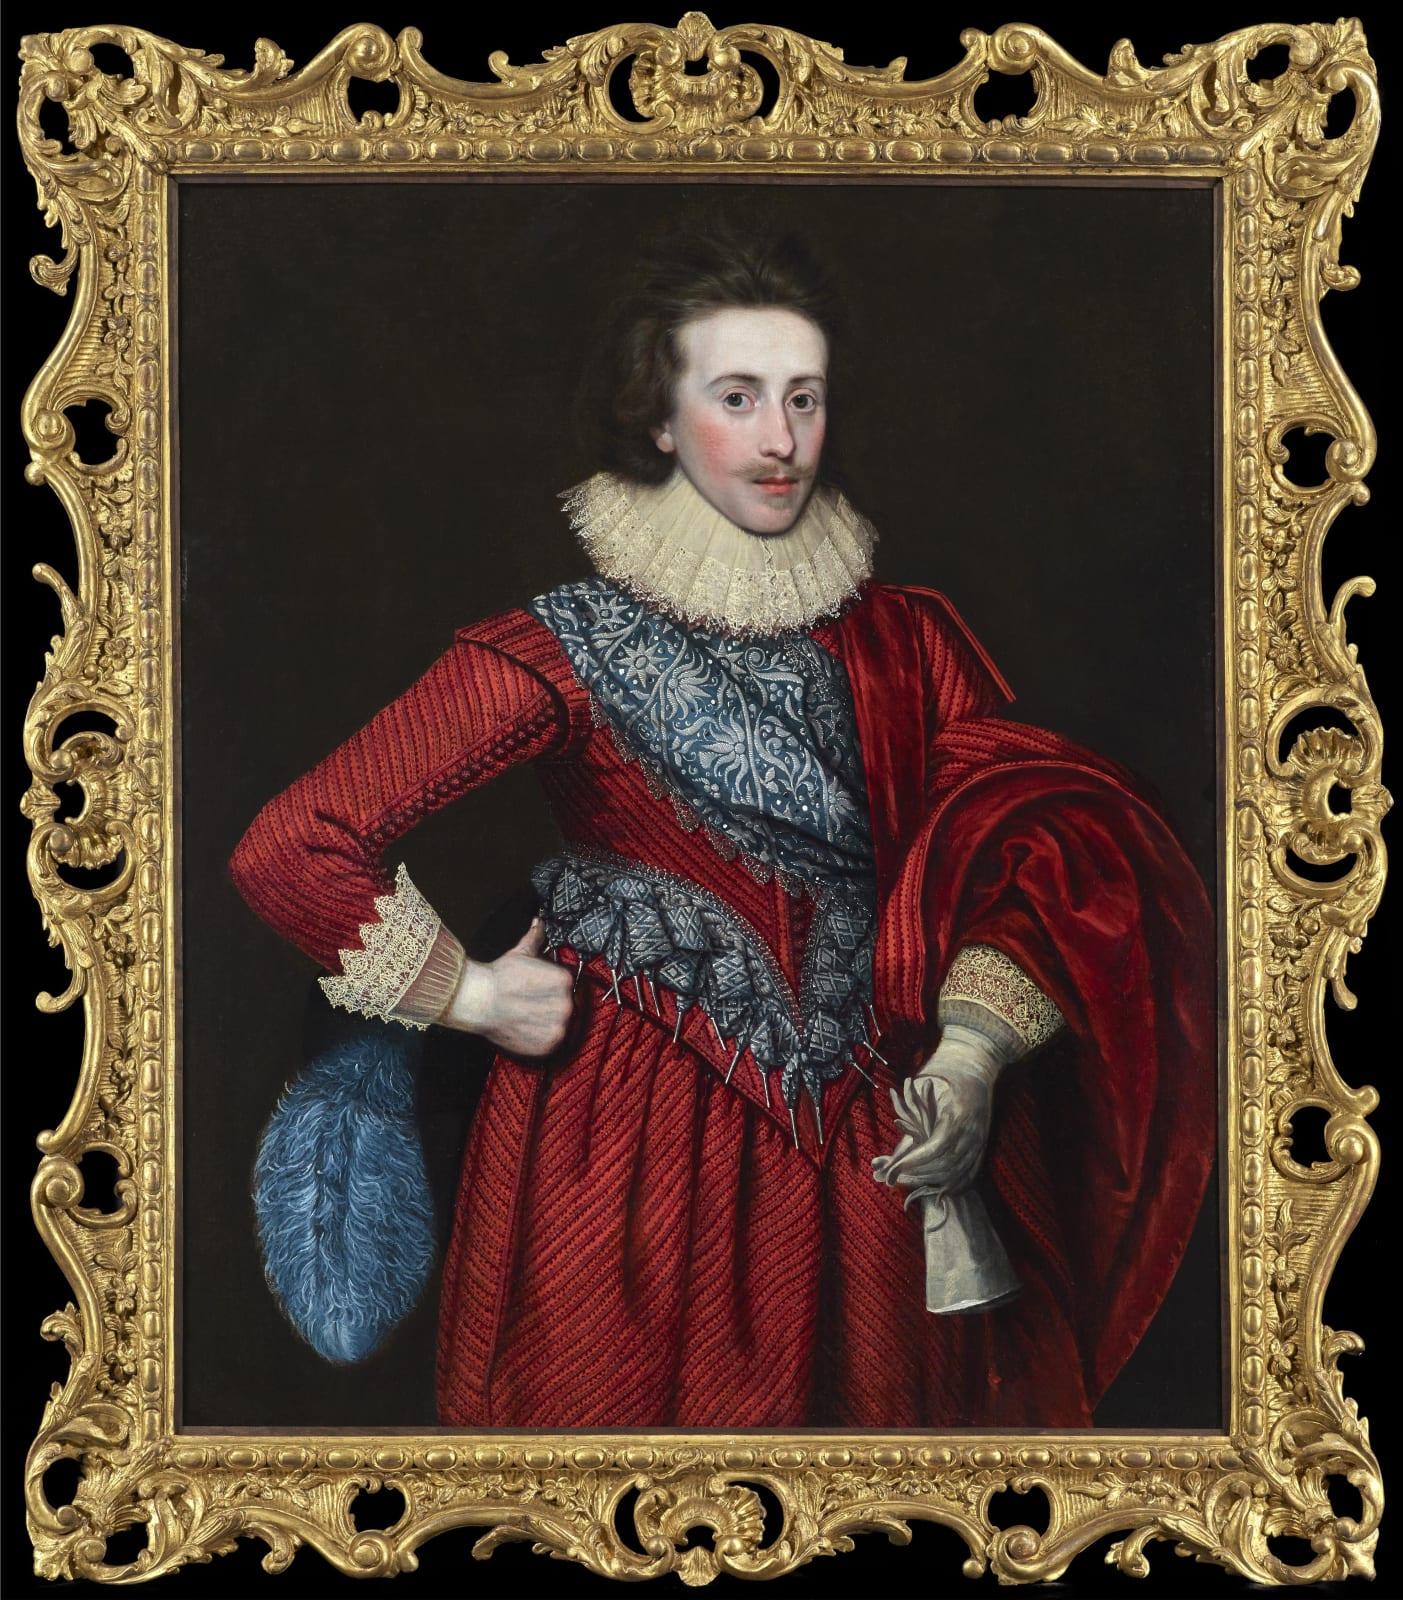 Paul van Somer (1576 - 1621), Sir Thomas Dallison, 2nd Bt. of Laughton (1591 - 1645) , c.1620